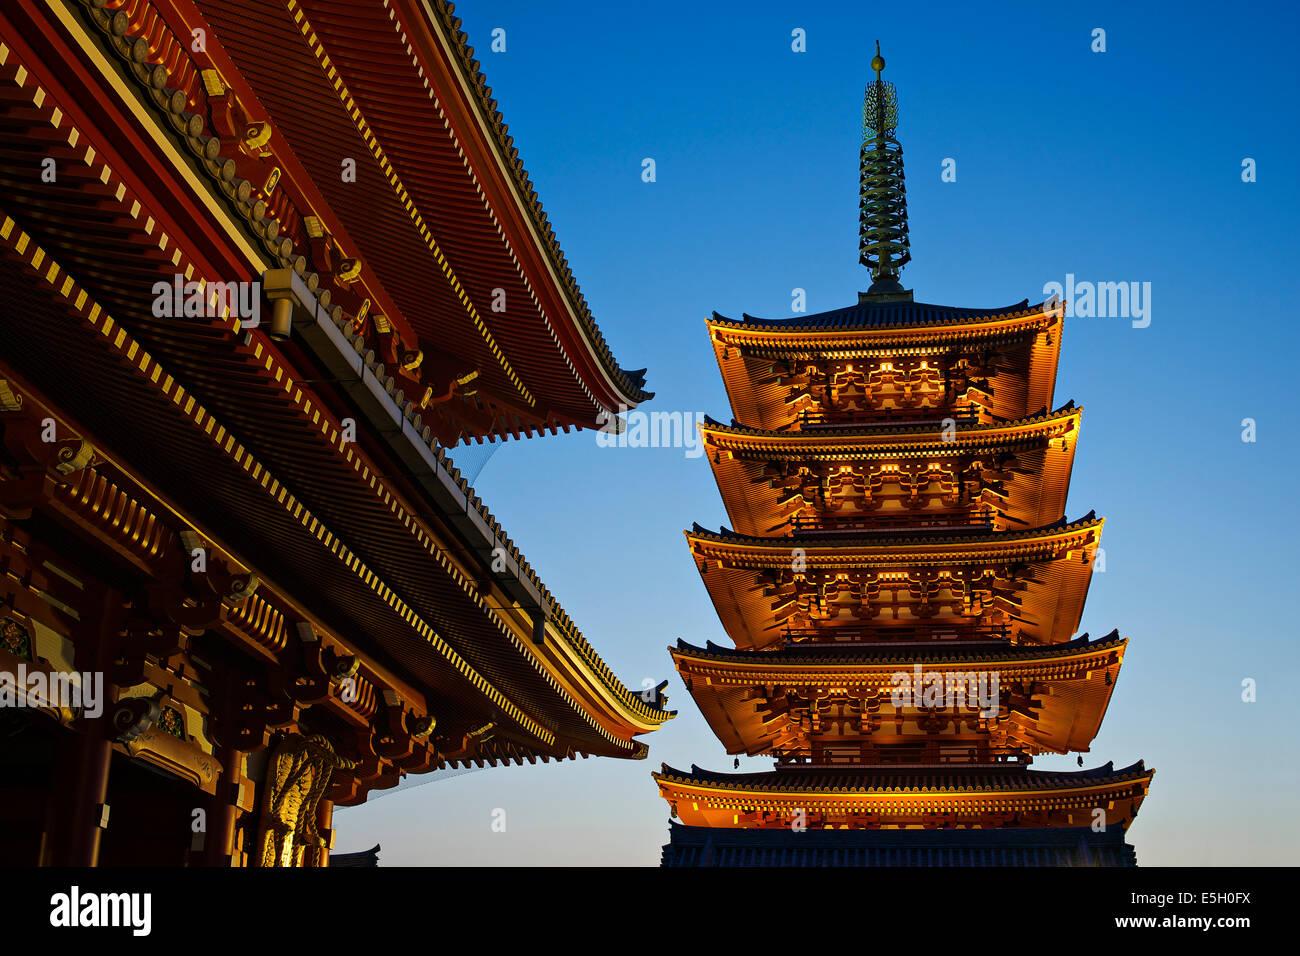 Le temple Senso-ji, Tokyo, Japon. Banque D'Images